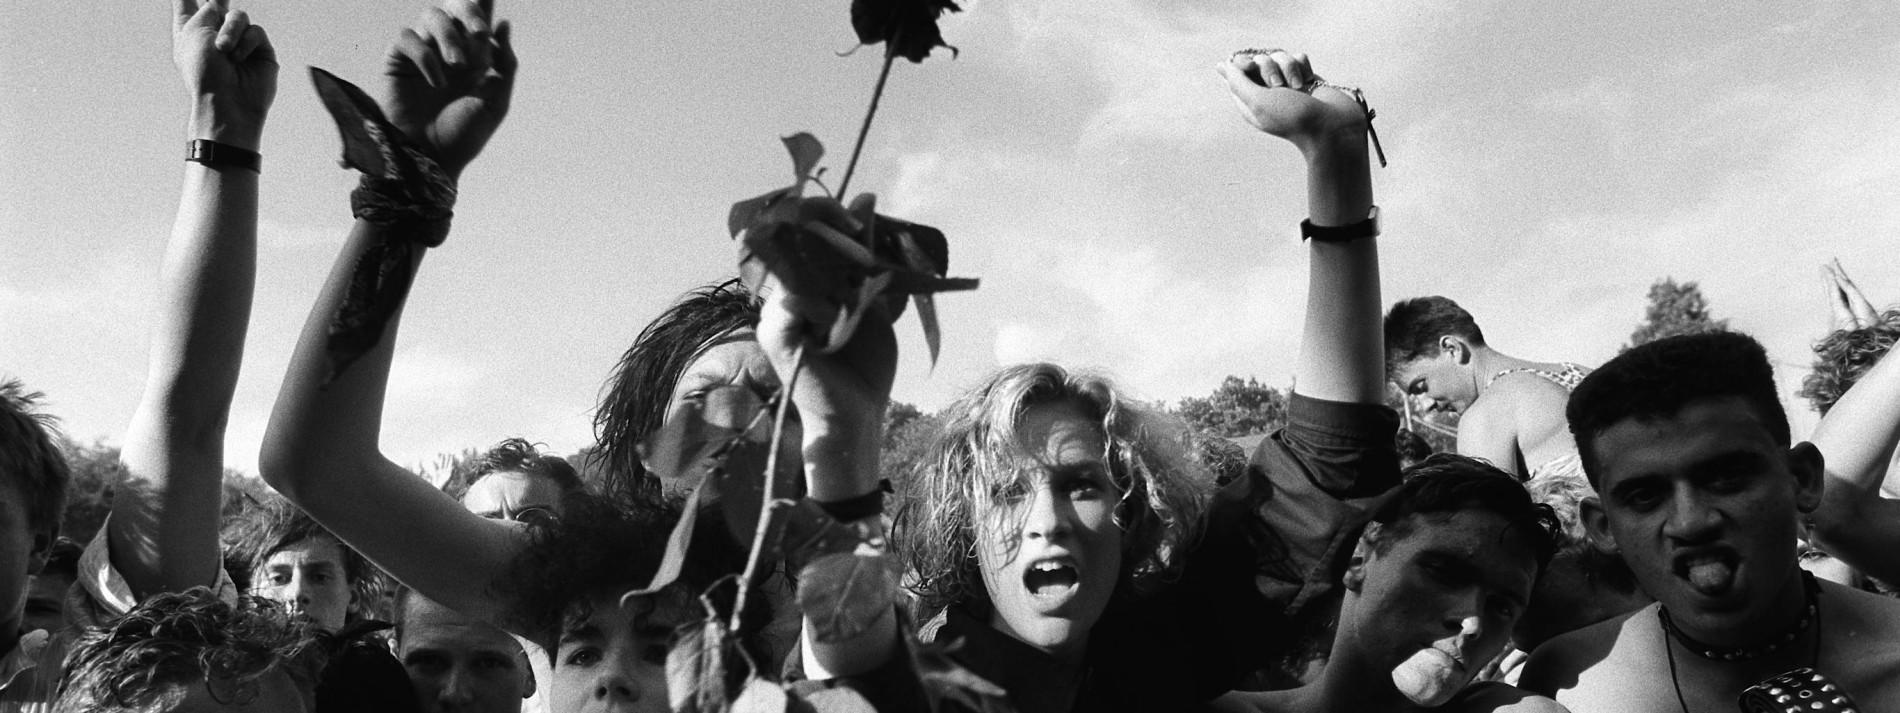 Loreley-Bühnen-Pächter rechnet nicht mehr mit mehrtägigen Festivals